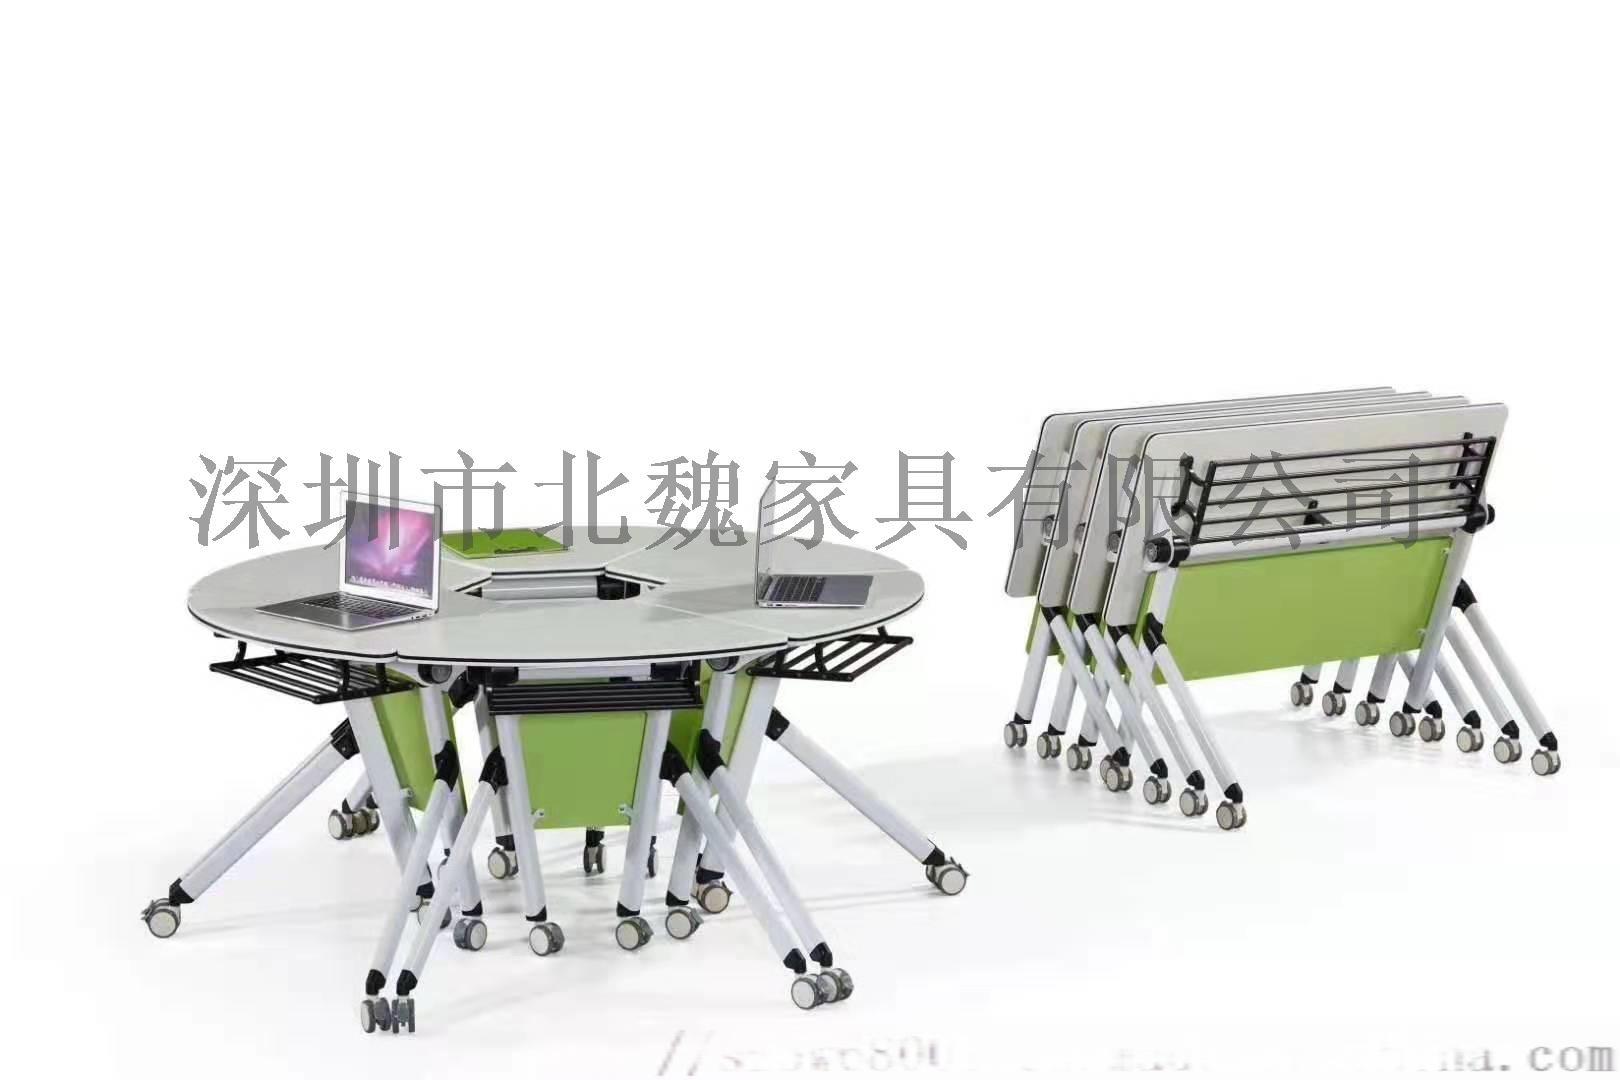 折叠培训桌|可折叠培训台|广东培训桌生产厂家123069535